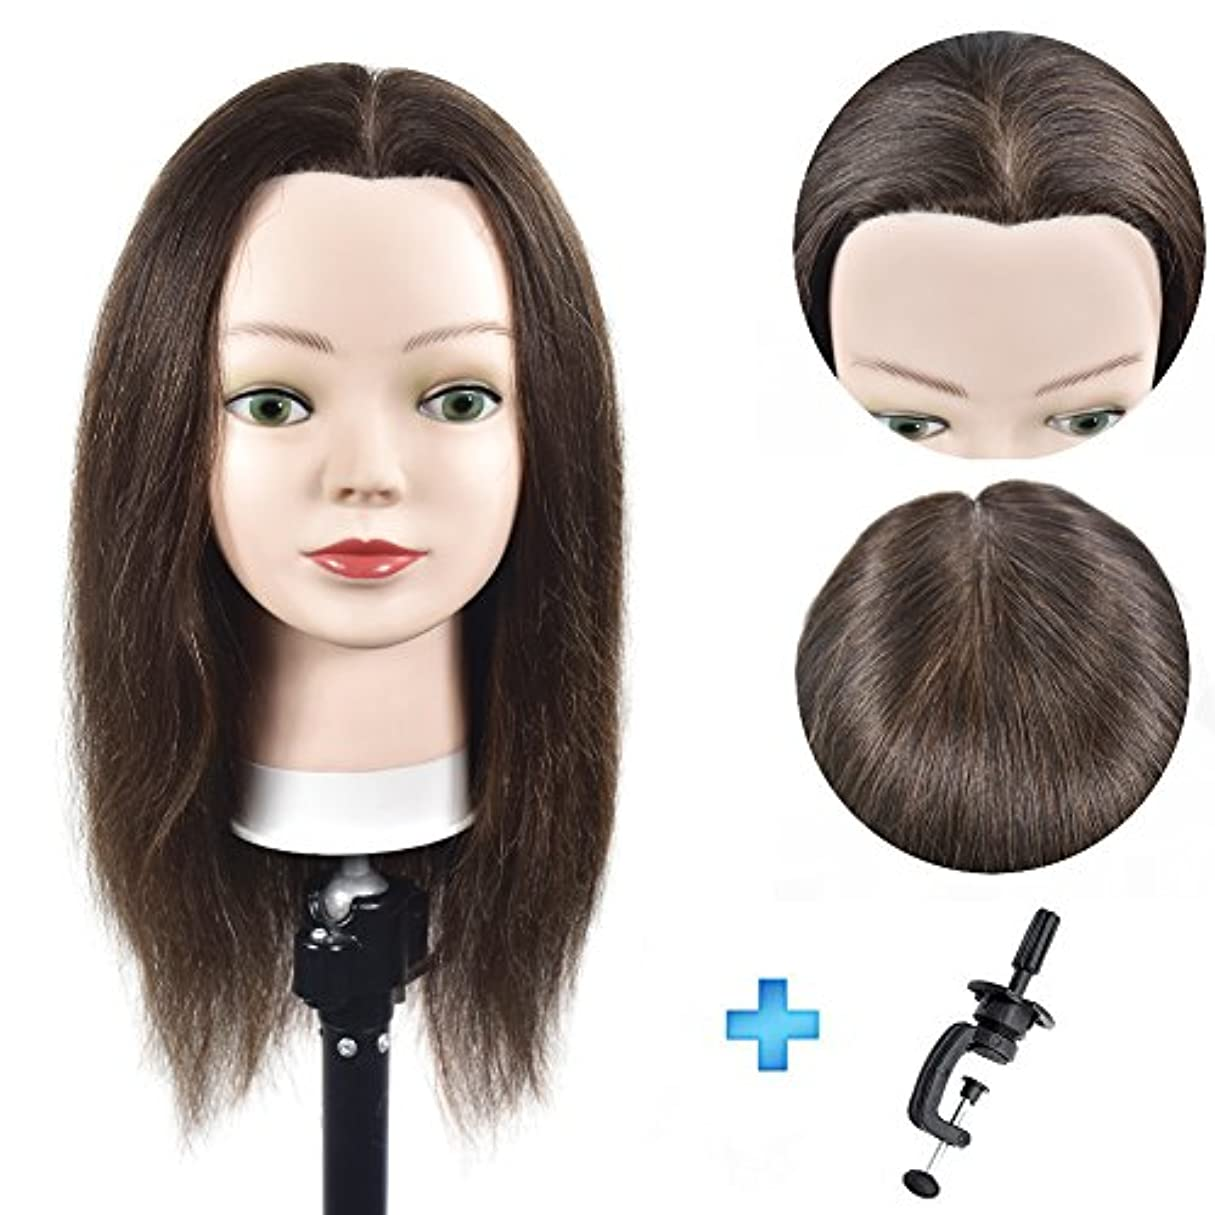 誠実アルミニウムパンダ16インチマネキンヘッド100%人間の髪の美容師のトレーニングヘッドマネキン美容師の人形ヘッド(テーブルクランプスタンドが含まれています)